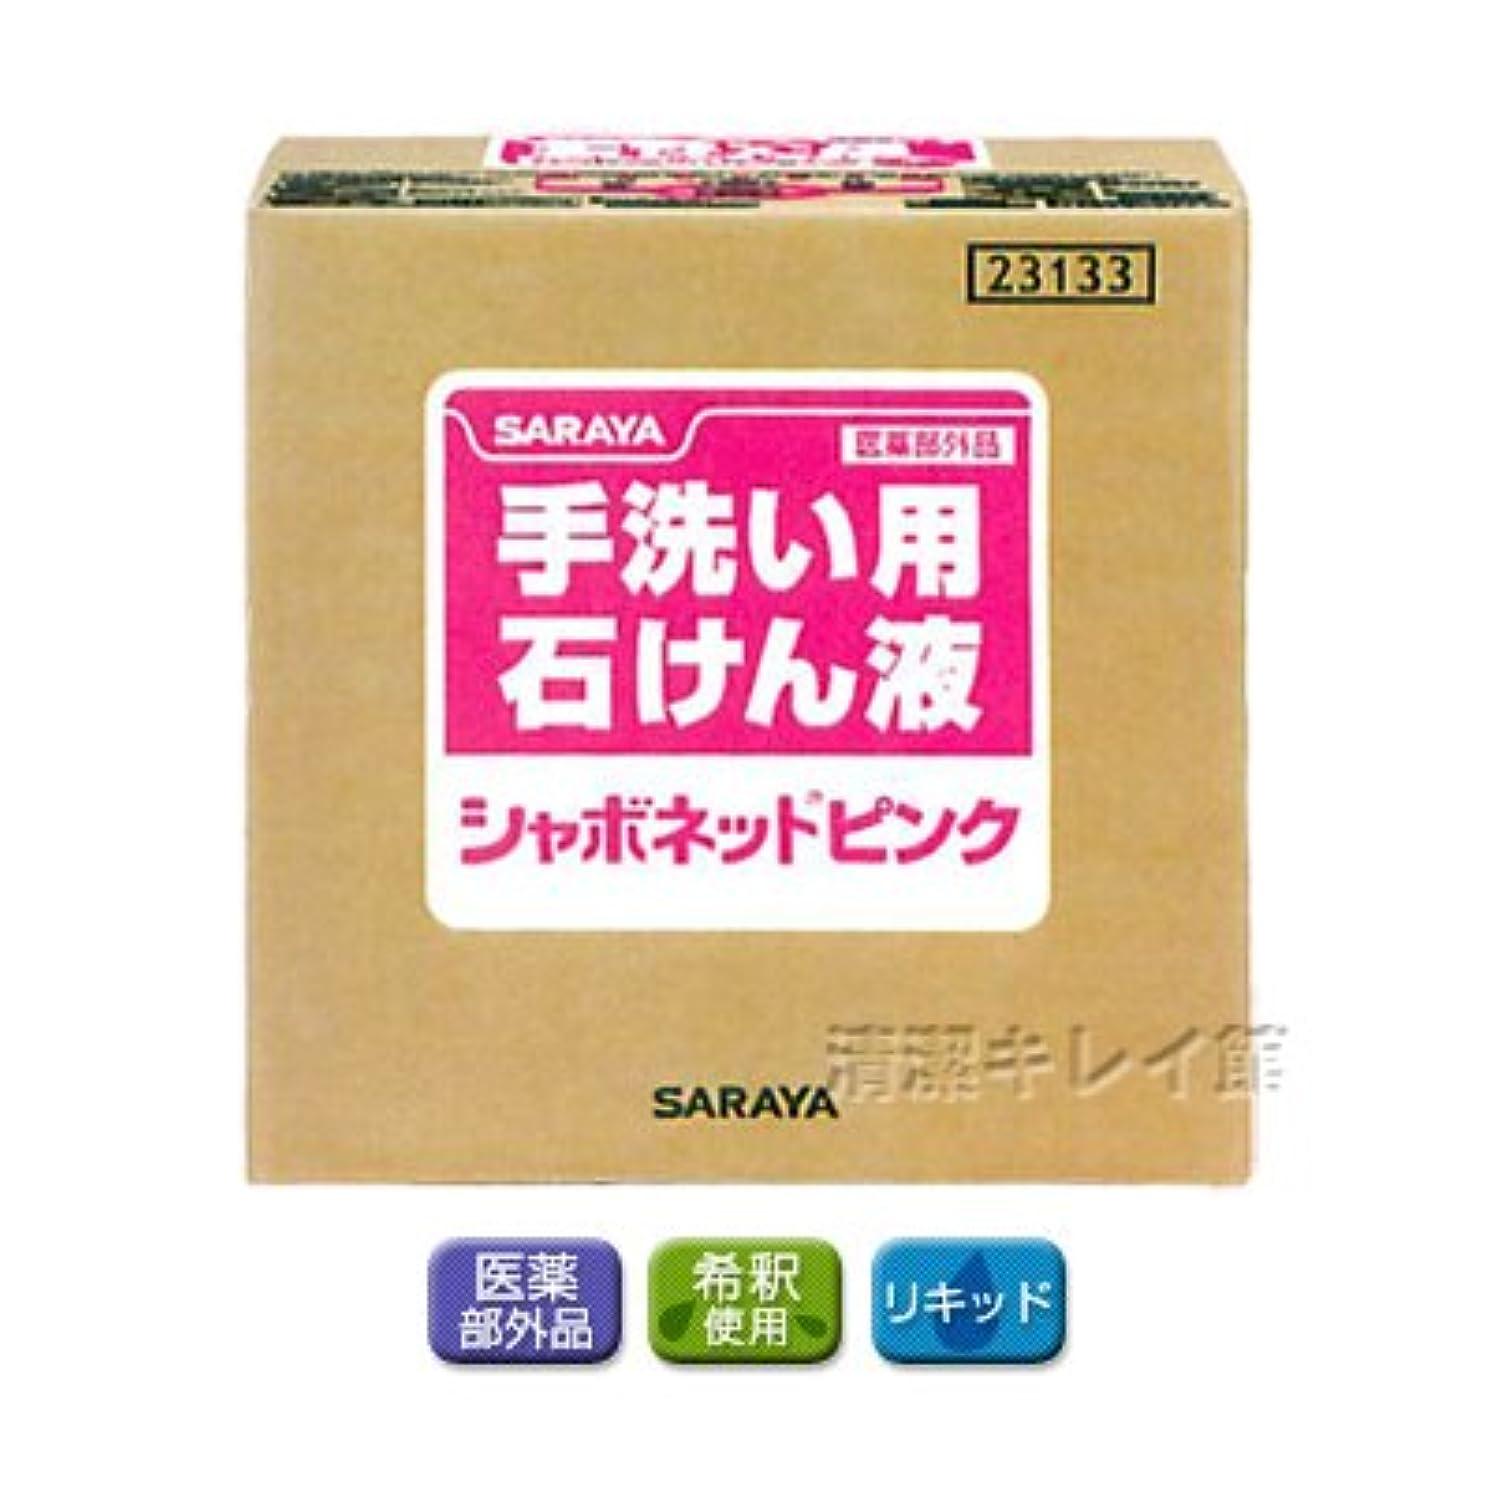 不承認植物学ガラガラ【清潔キレイ館】サラヤ シャボネットピンク(20kg)